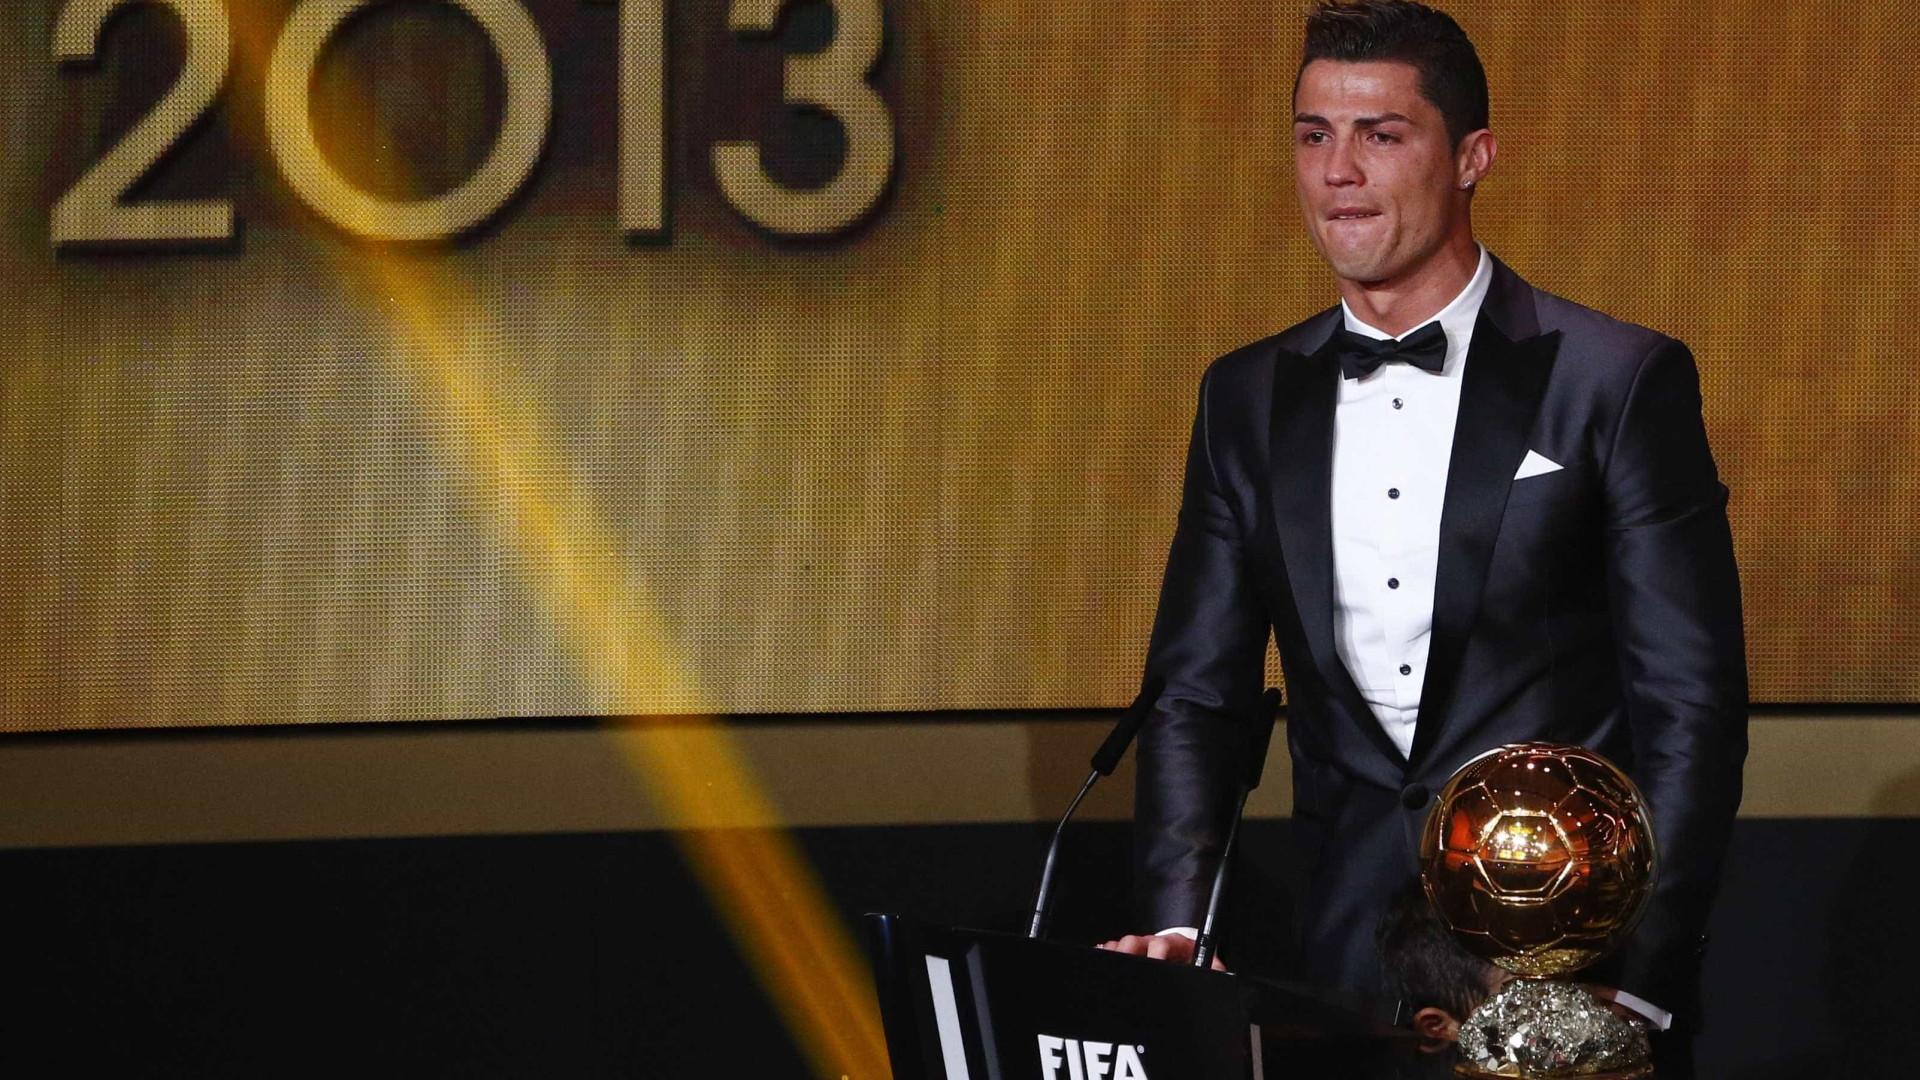 Ronaldo diz que quis muito ganhar Bola de Ouro e espera repetir c702b30b6b5bb